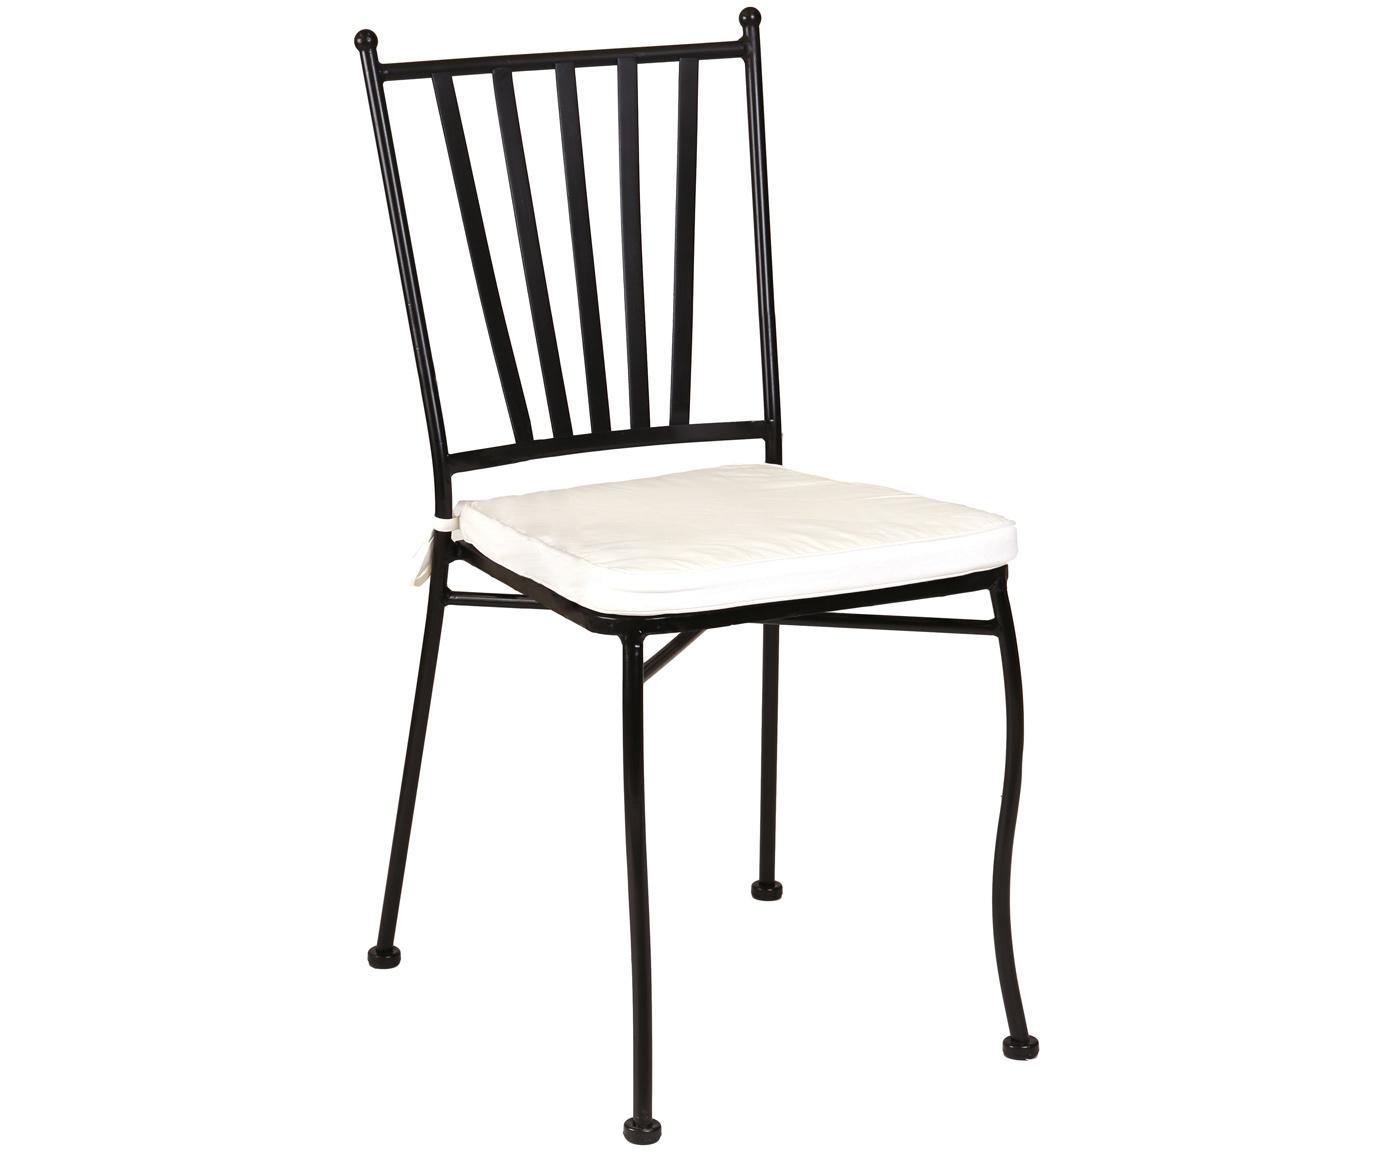 Krzesło ogrodowe  Helen, Stelaż: metal malowany proszkowo, Tapicerka: poliester, Czarny, biały, S 41 x G 53 cm